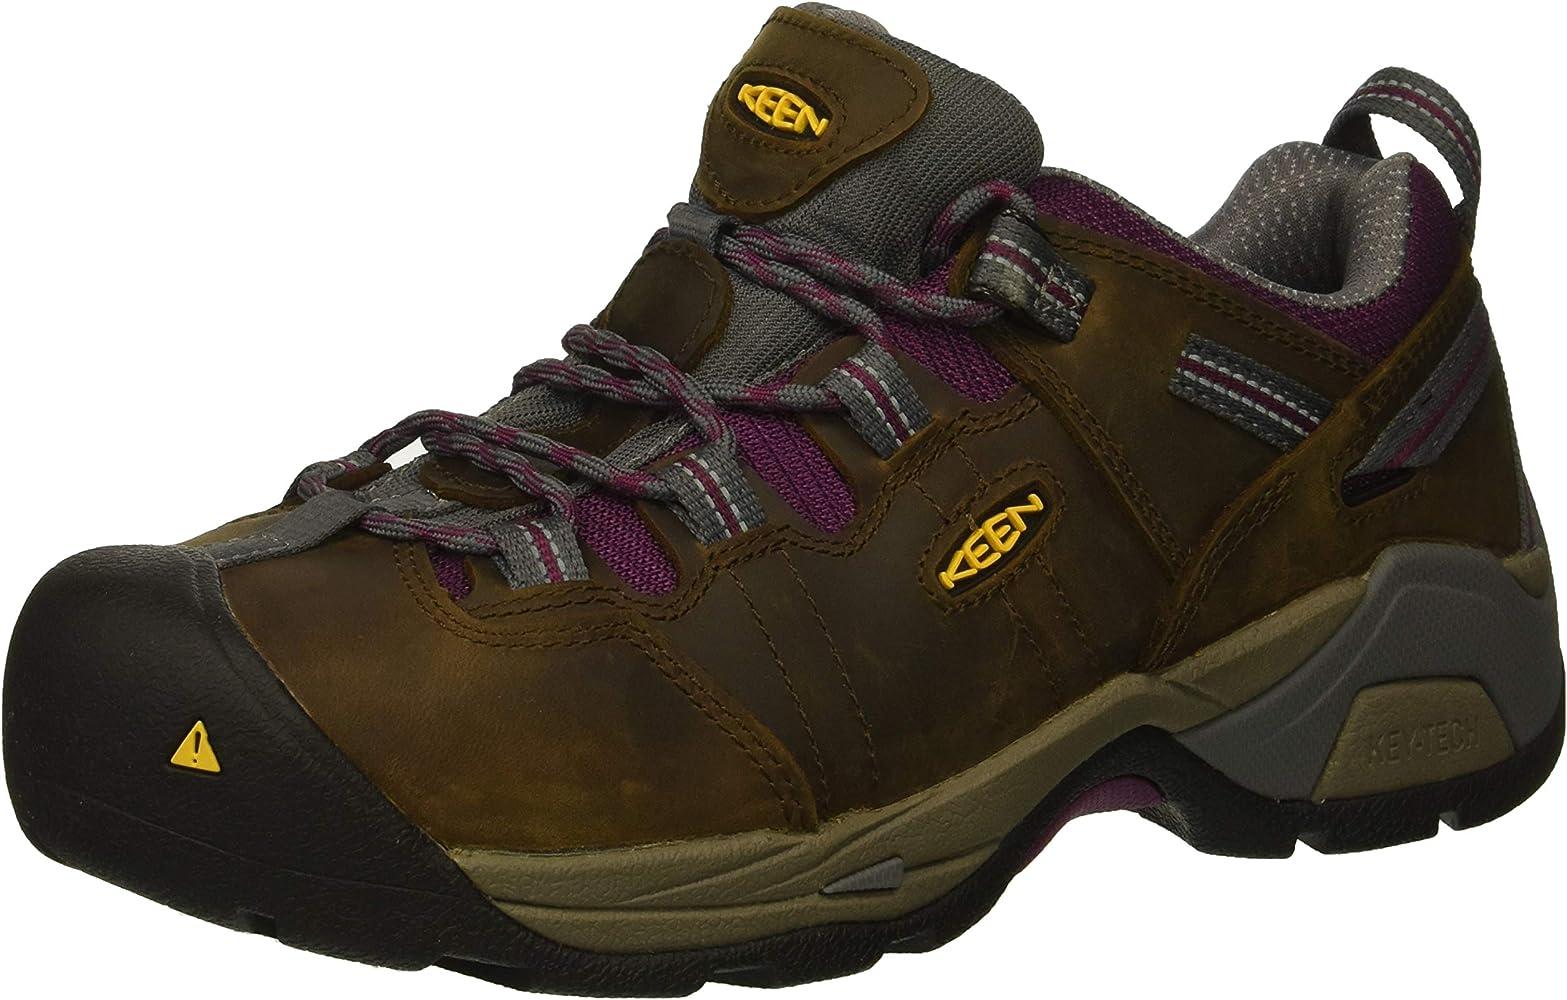 Detroit Xt Steel Toe Industrial Shoe